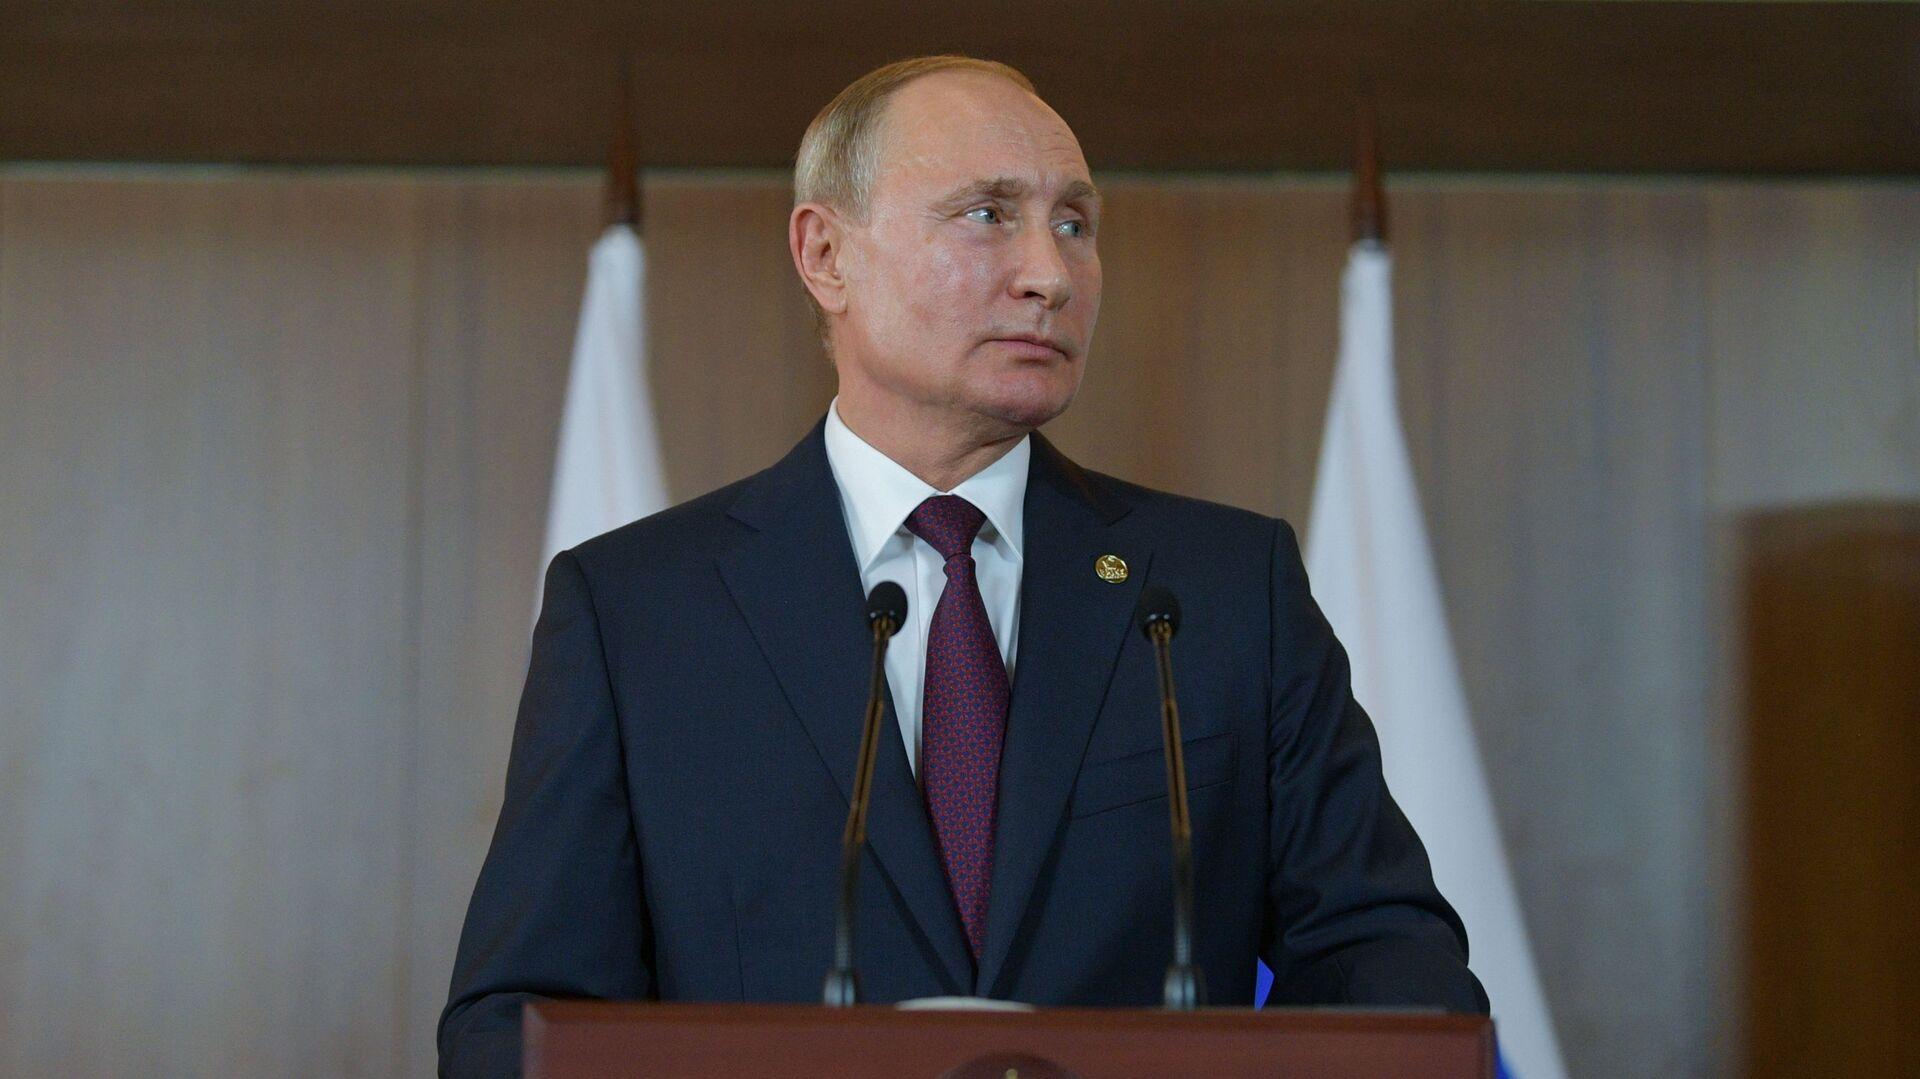 Rusiya Prezidenti Vladimir Putin, arxiv şəkli - Sputnik Azərbaycan, 1920, 07.10.2021